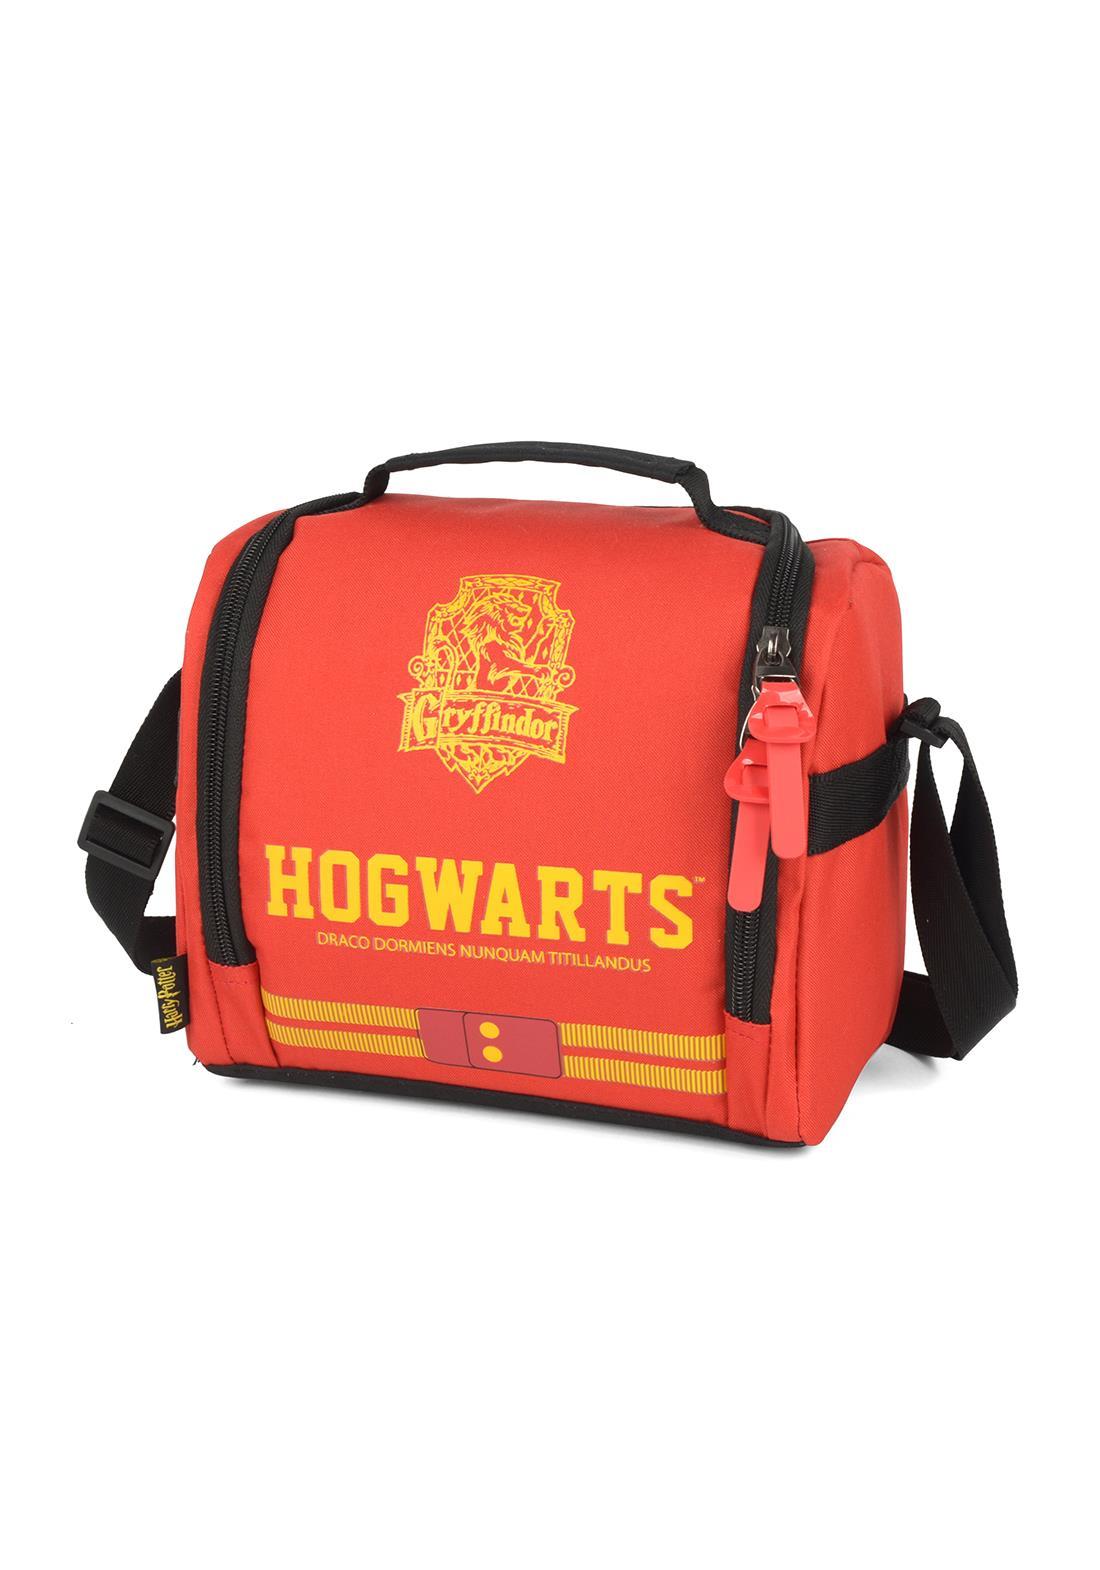 Lancheira Harry Potter Grifinoria Hogwarts Vermelha Original